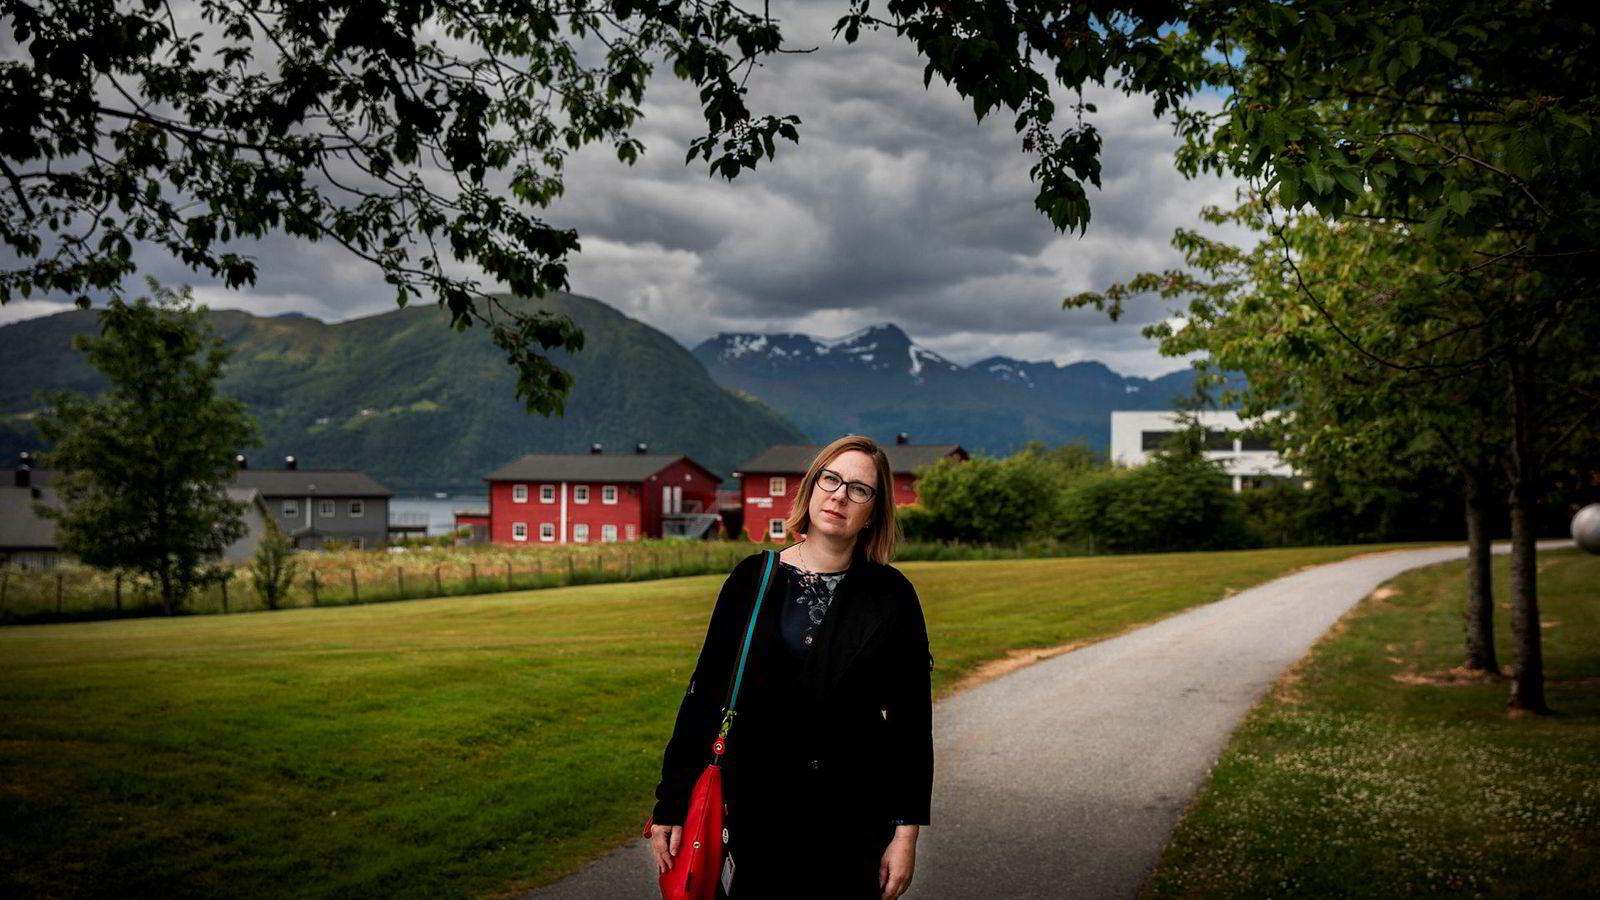 Audhild Gregoriusdotter Rotevatn har vært journalist og redaktør. Nå er hun dekan ved Høgskulen i Volda.